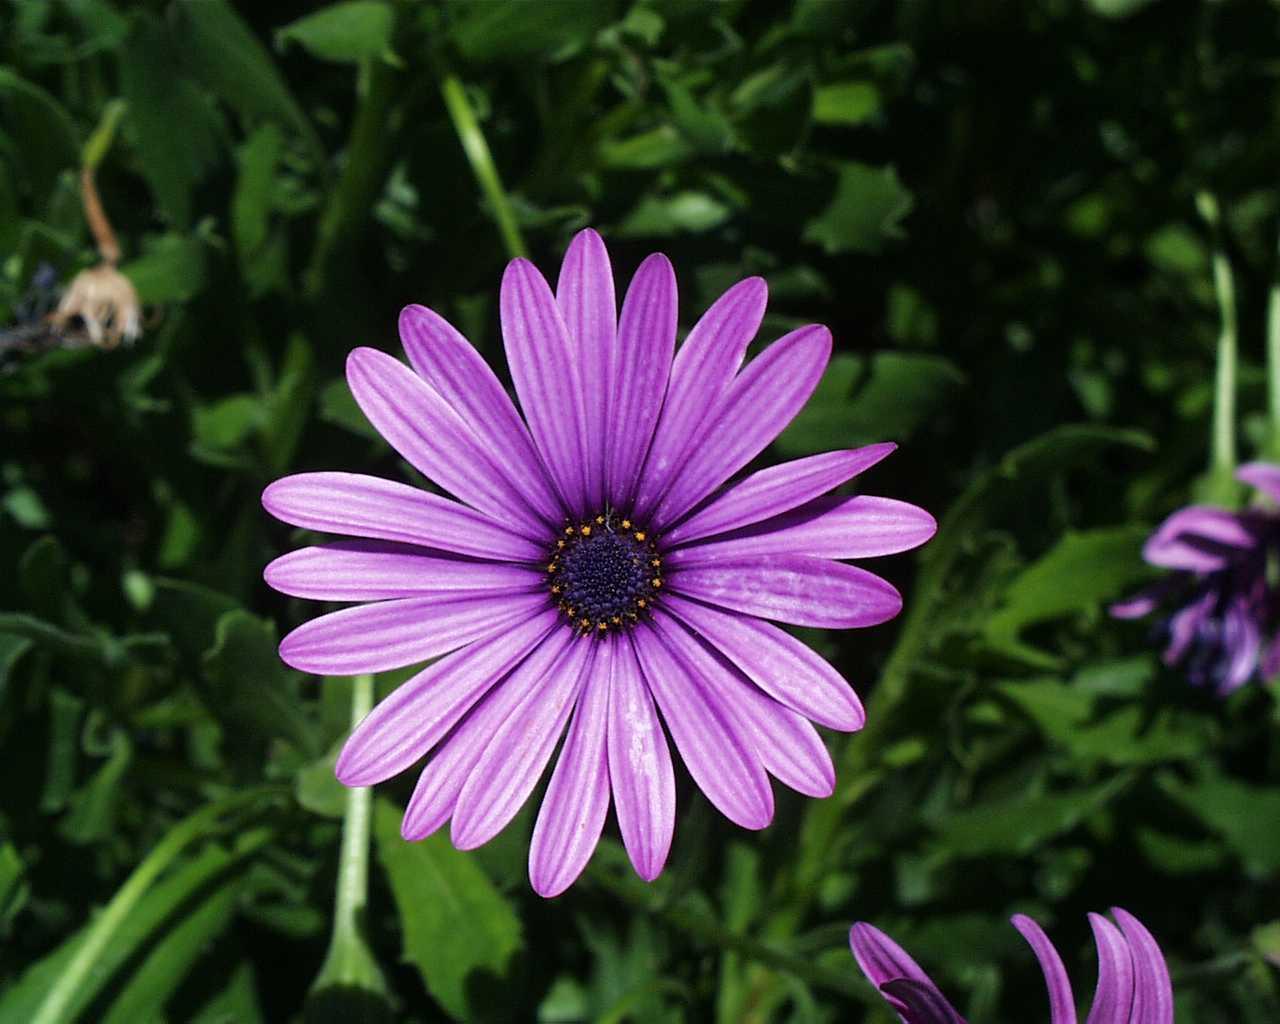 daisy flower meaning  flower, Natural flower